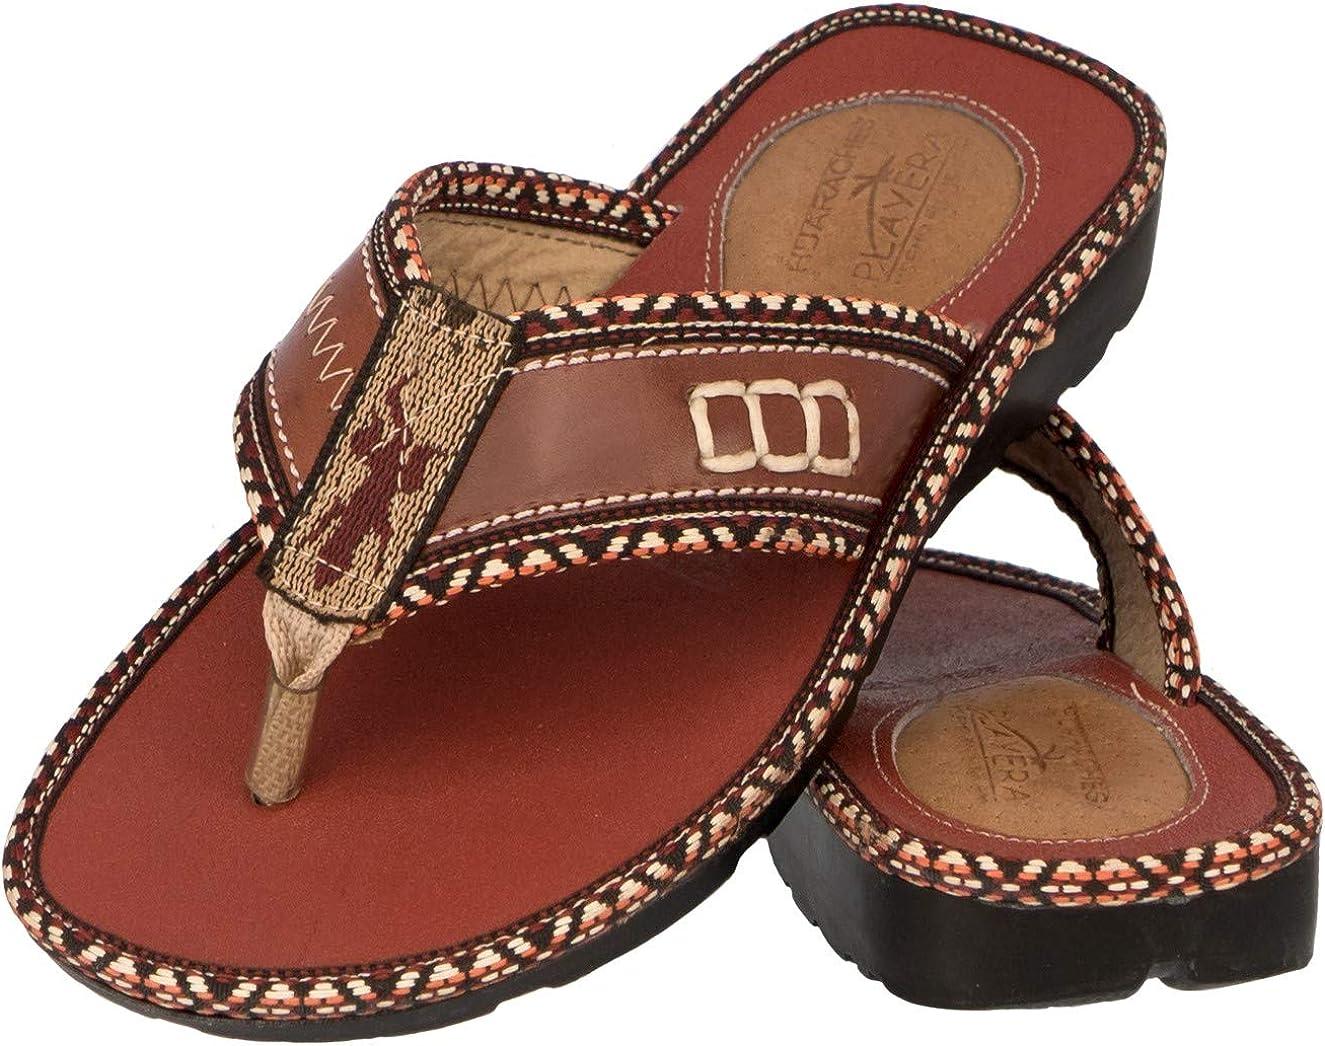 Cowboy Professional Men's Rustic Cognac Brown Leather Sandals Authentic Mexican Huaraches Flip Flops